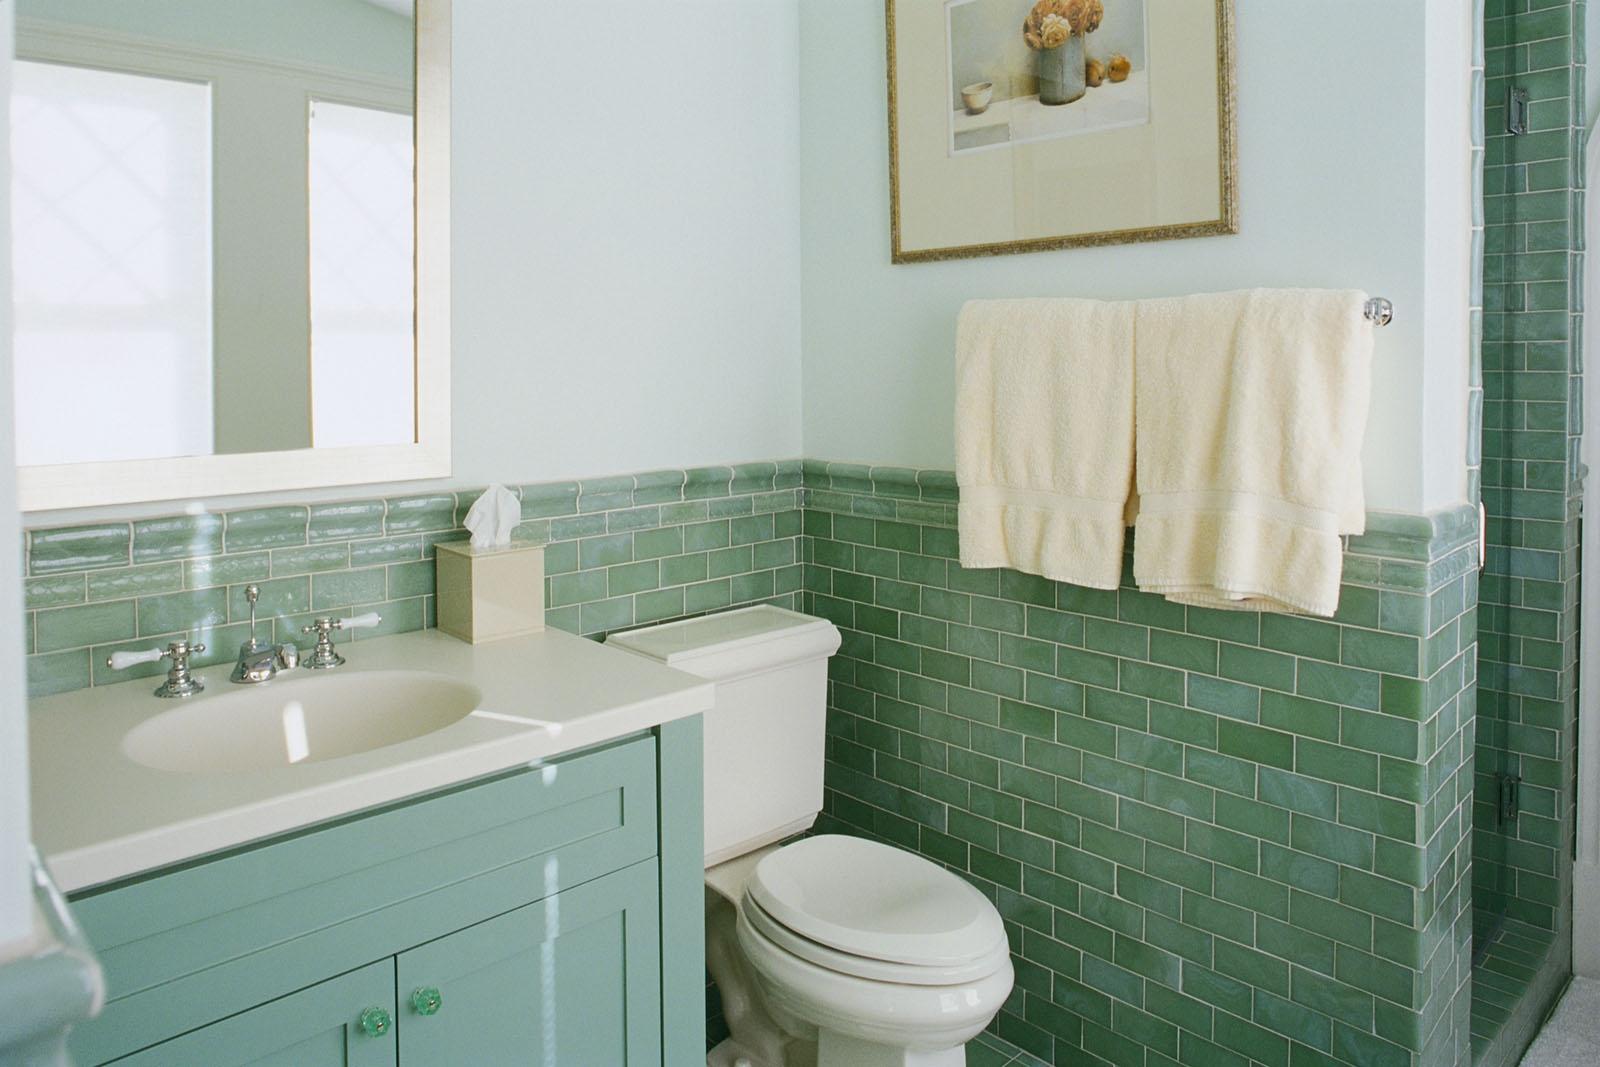 Ванная комната в зеленом цвете 2017: фото и советы